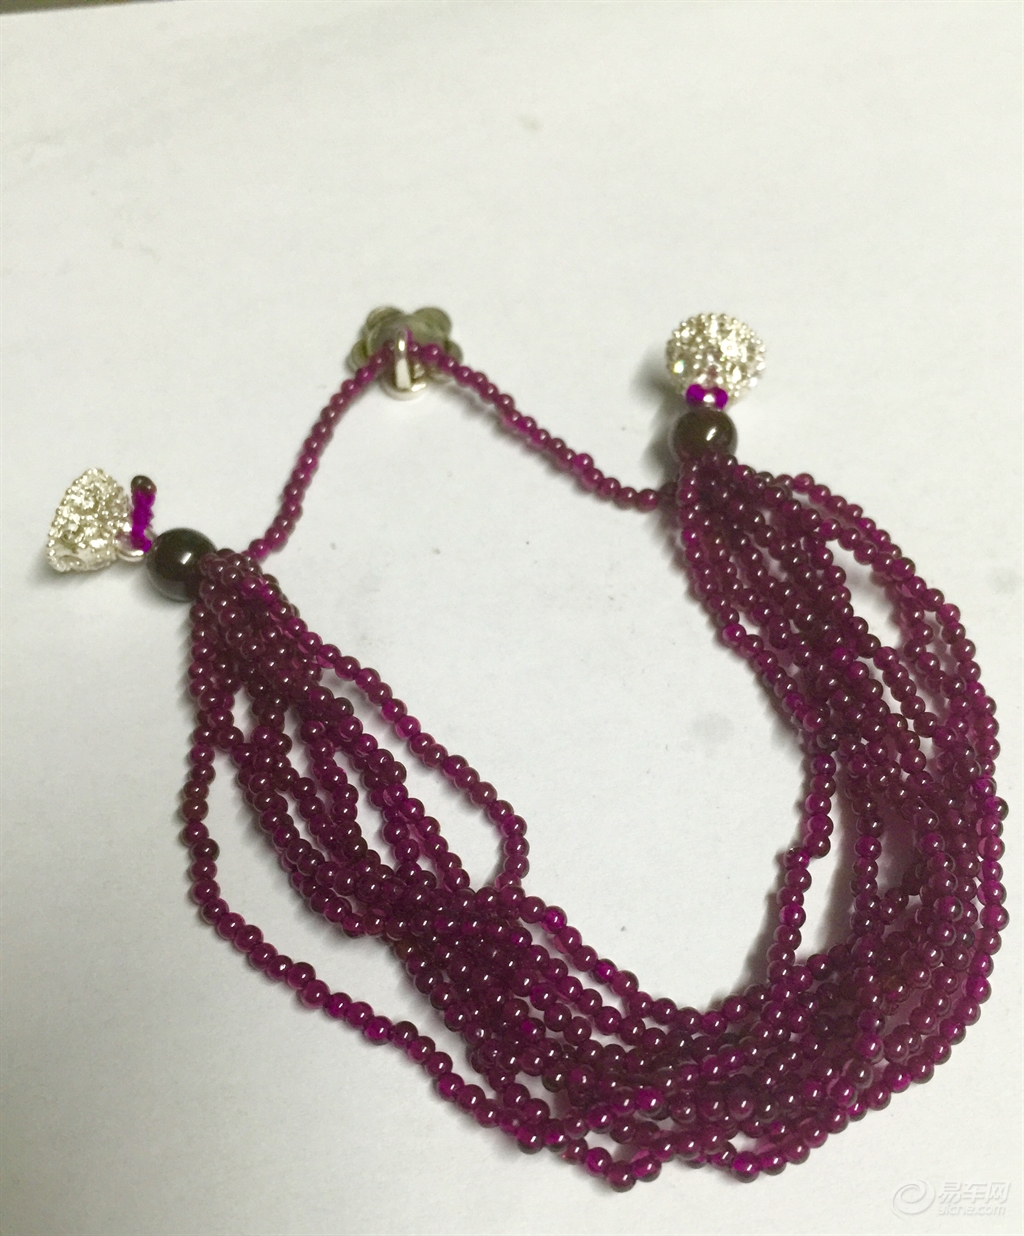 精美的石榴石红绳手链,简单的编绳教程,有必要为... _网易视频